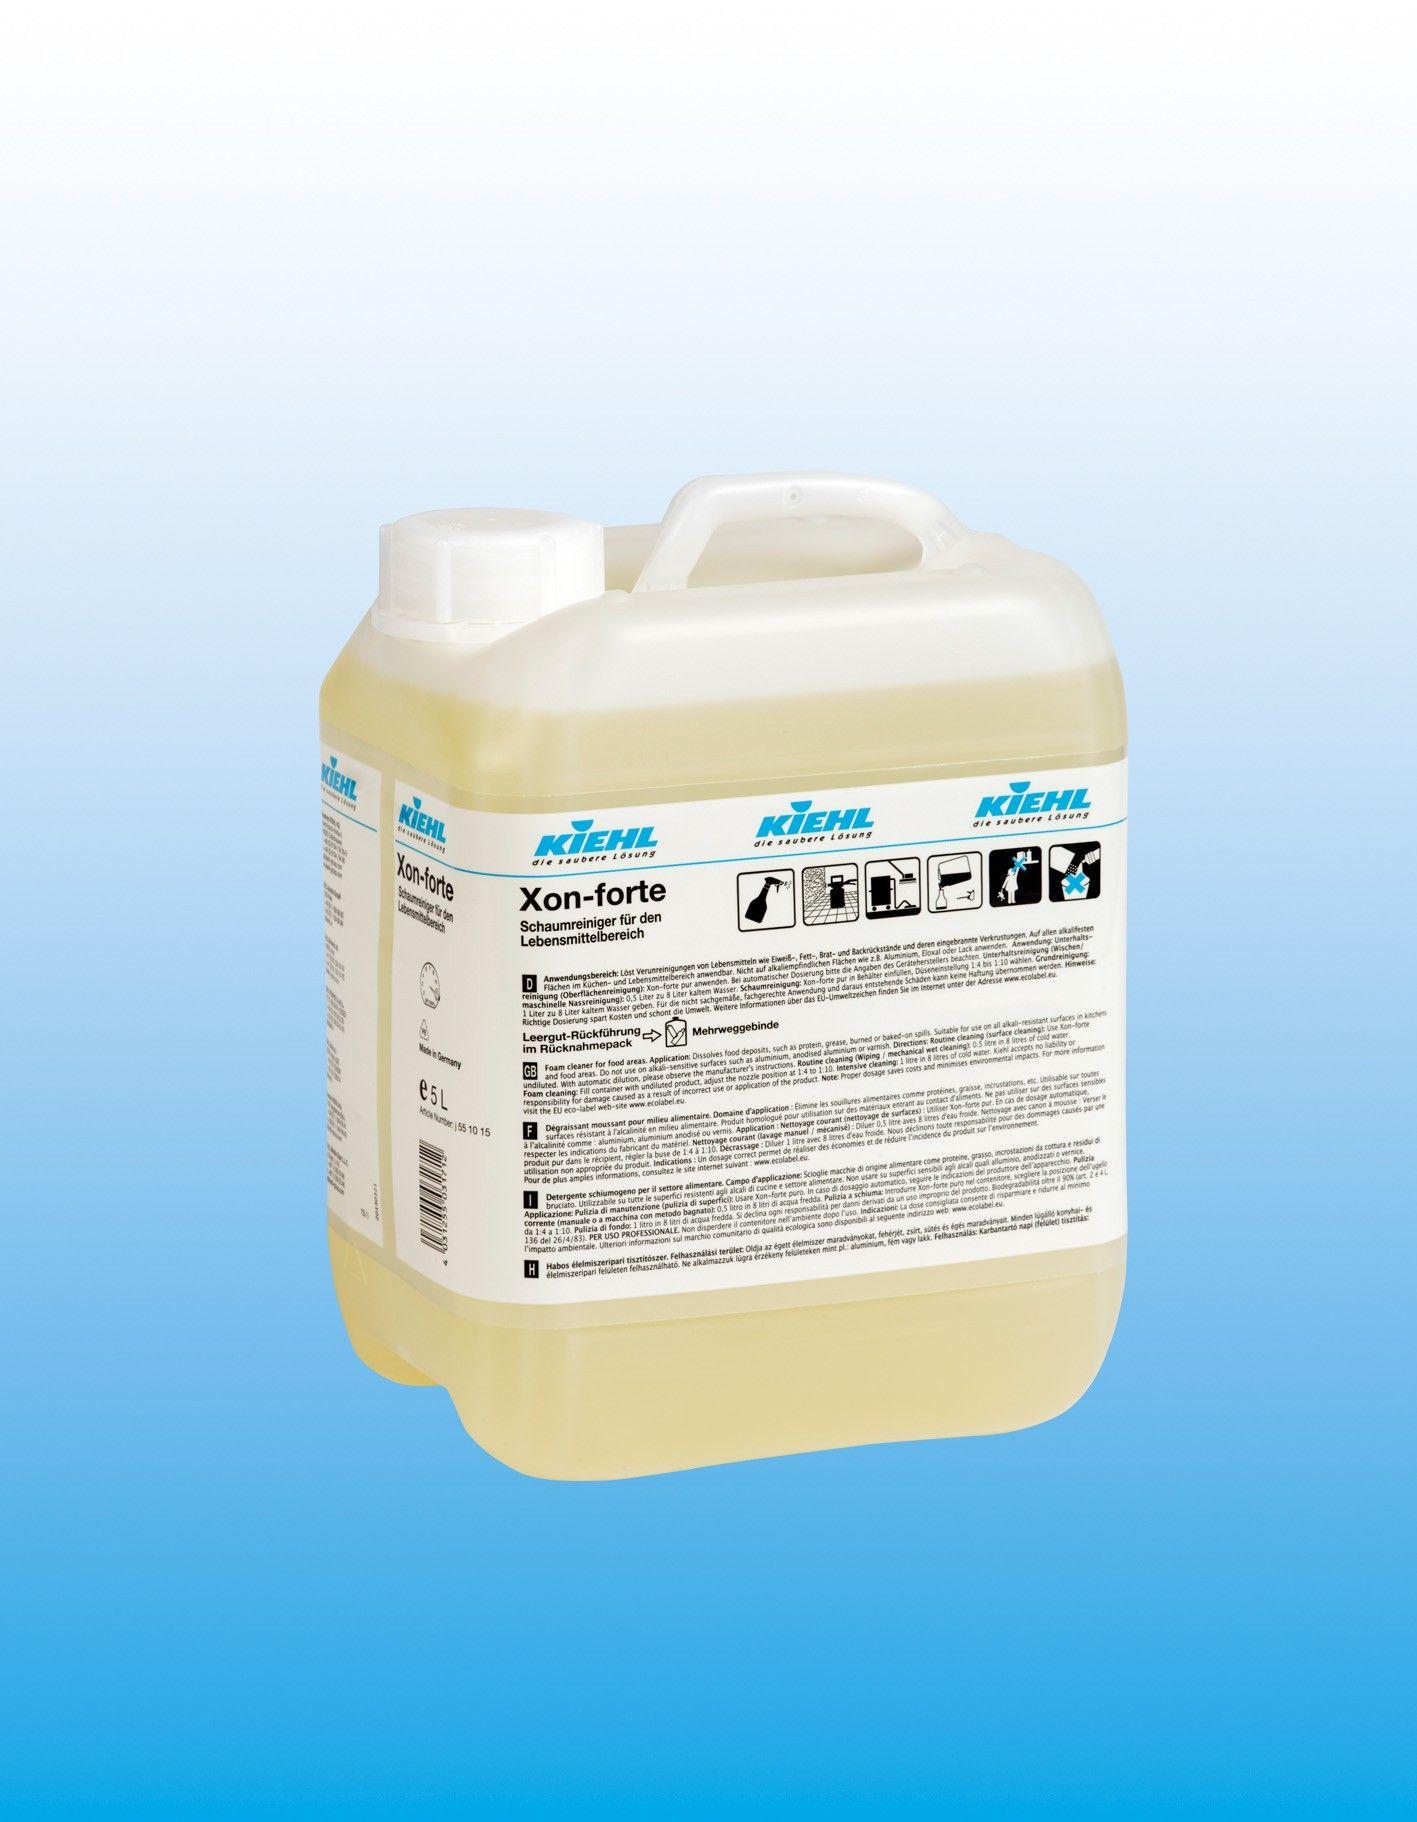 Пенное чистящее средство для печей и грилей (удаление нагара), флакон 750 мл, XON-forte, Johannes Kiehl KG